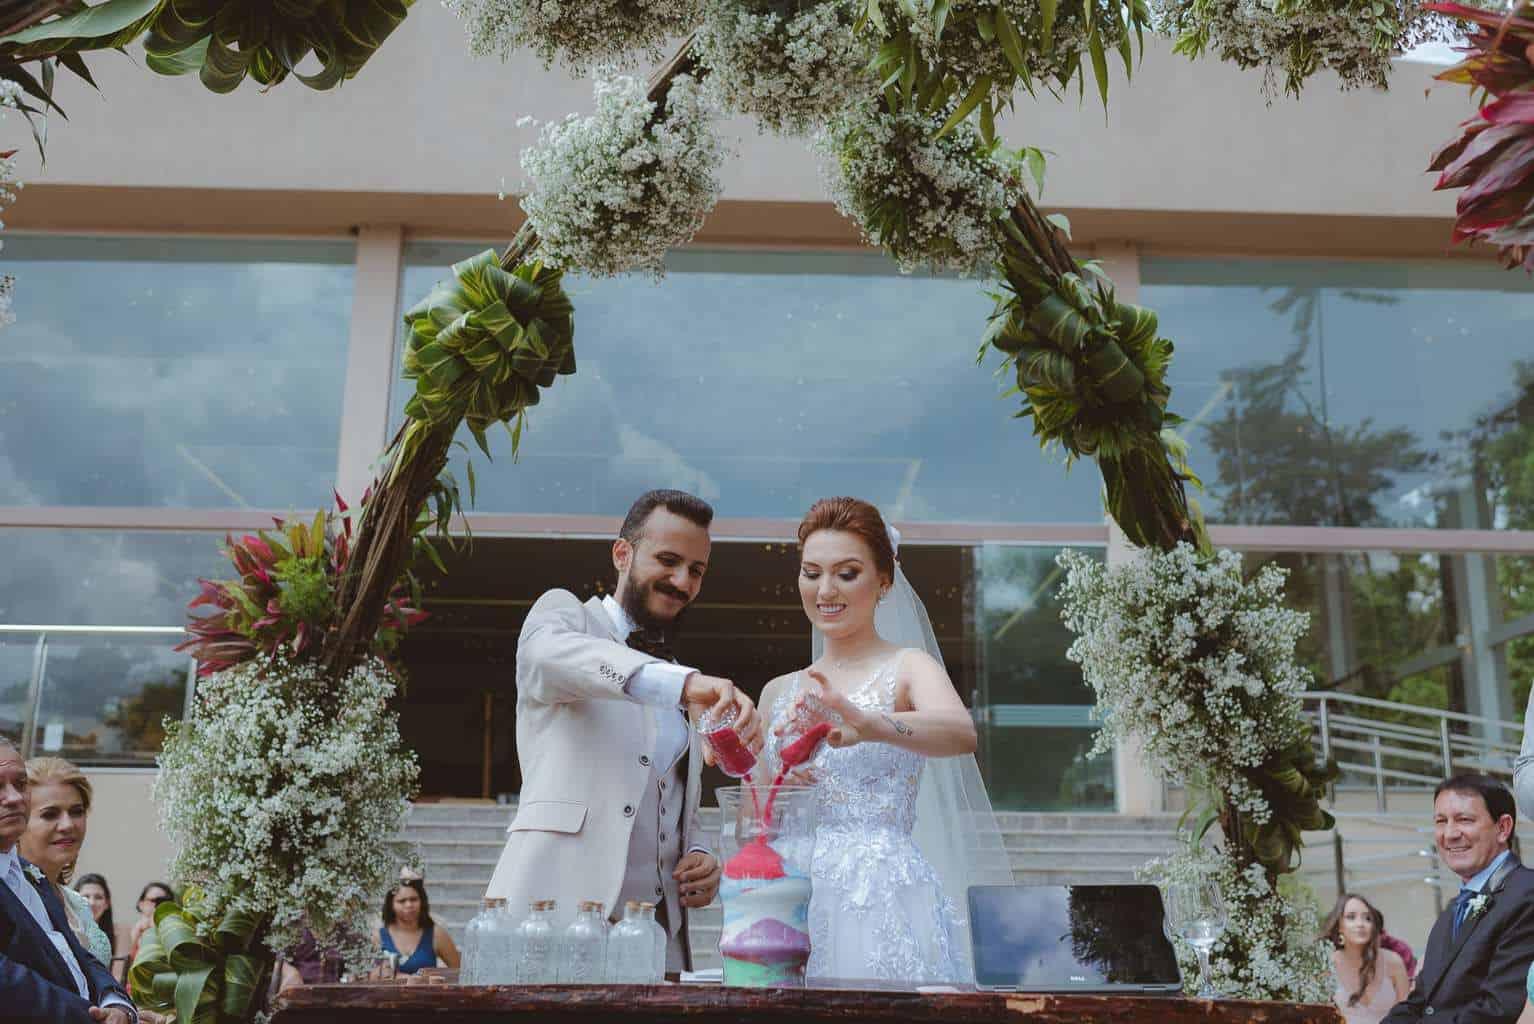 casamento-ao-ar-livre-casamento-boho-casamento-geek-casamento-rustico-casamento-Thais-e-Pedro-cerimônia-decor-cerimônia-Revoar-Fotografia-Villa-Borghese-Eventos-34